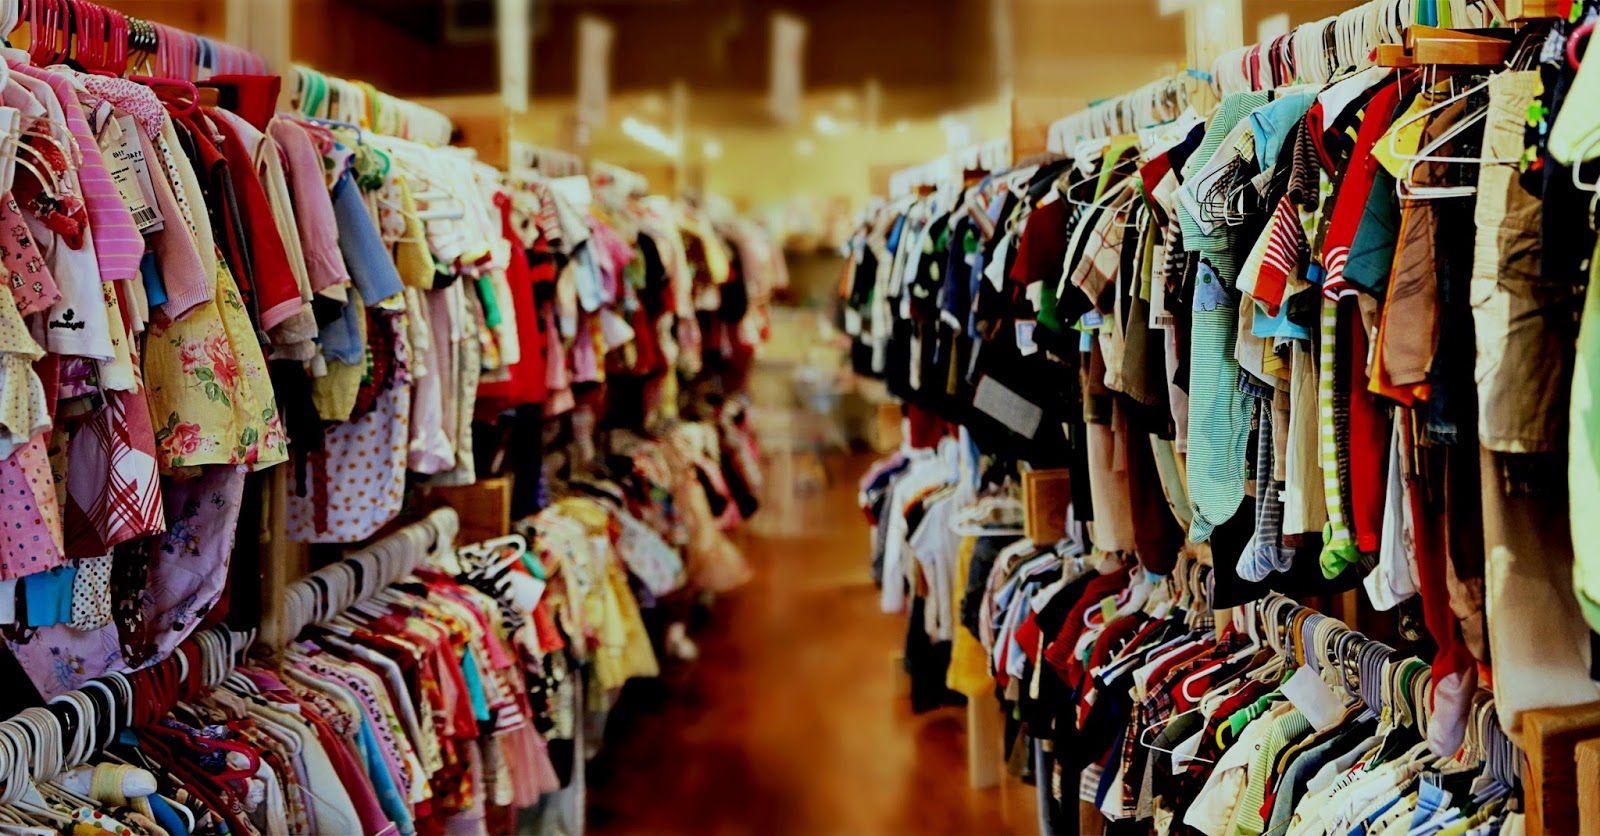 lưu ý cho chủ shop khi nhập hàng quần áo